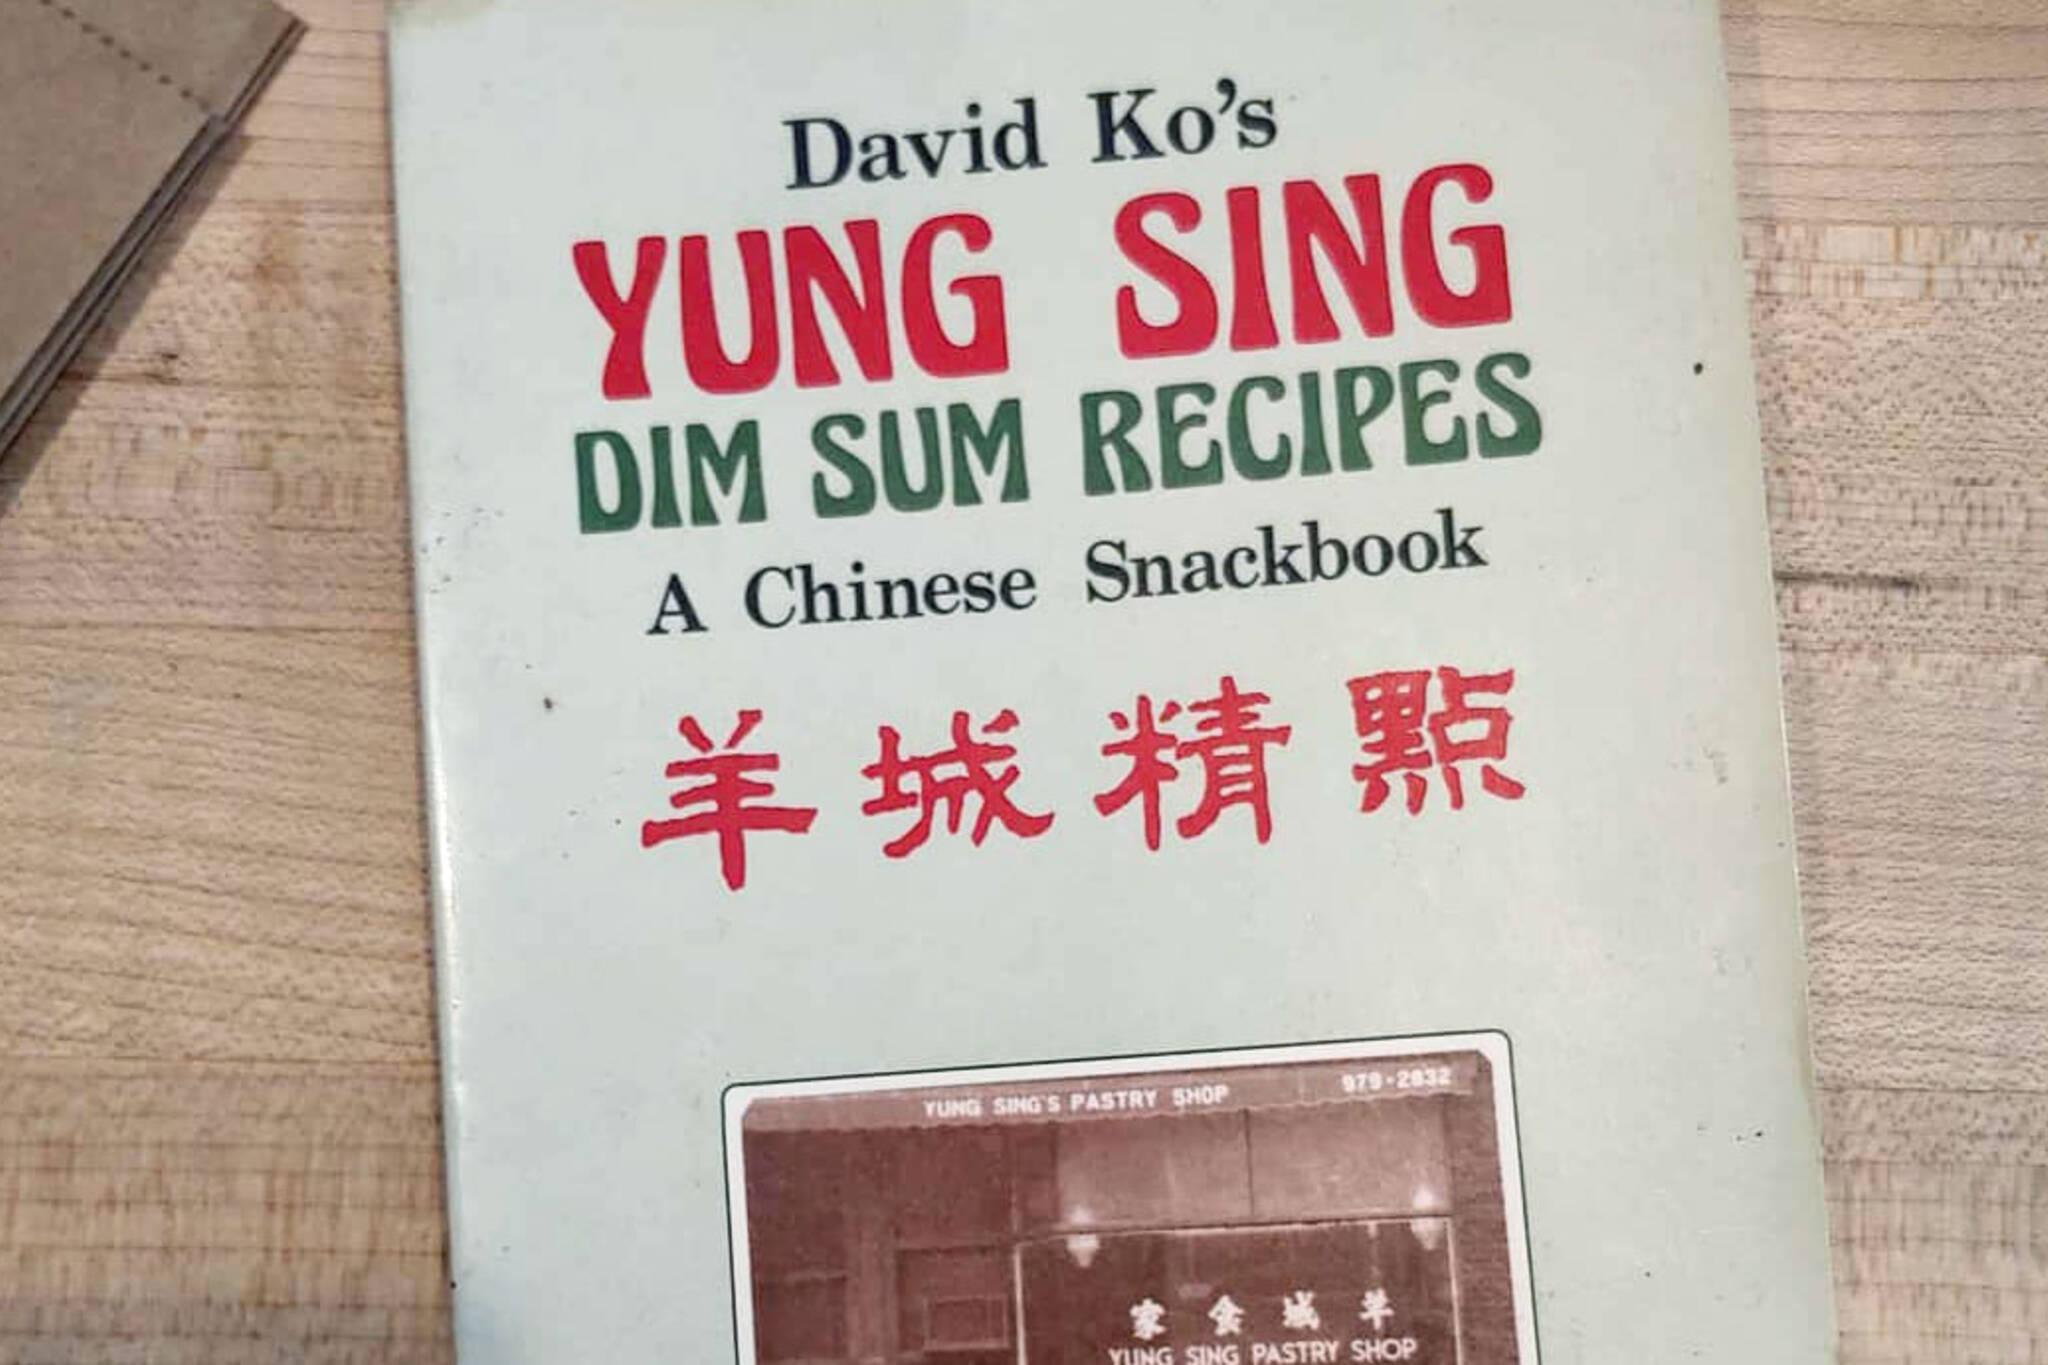 yung sing toronto